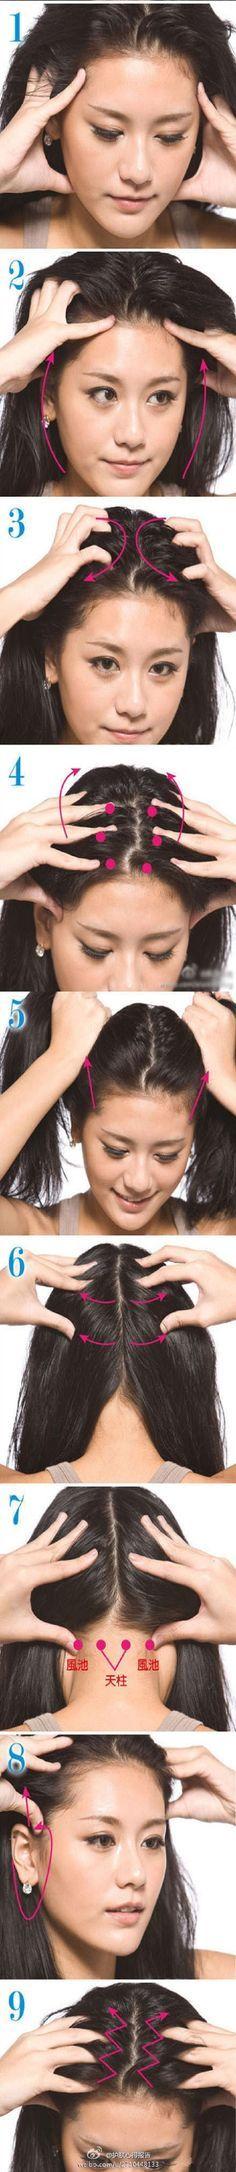 how to grow hair on scalp